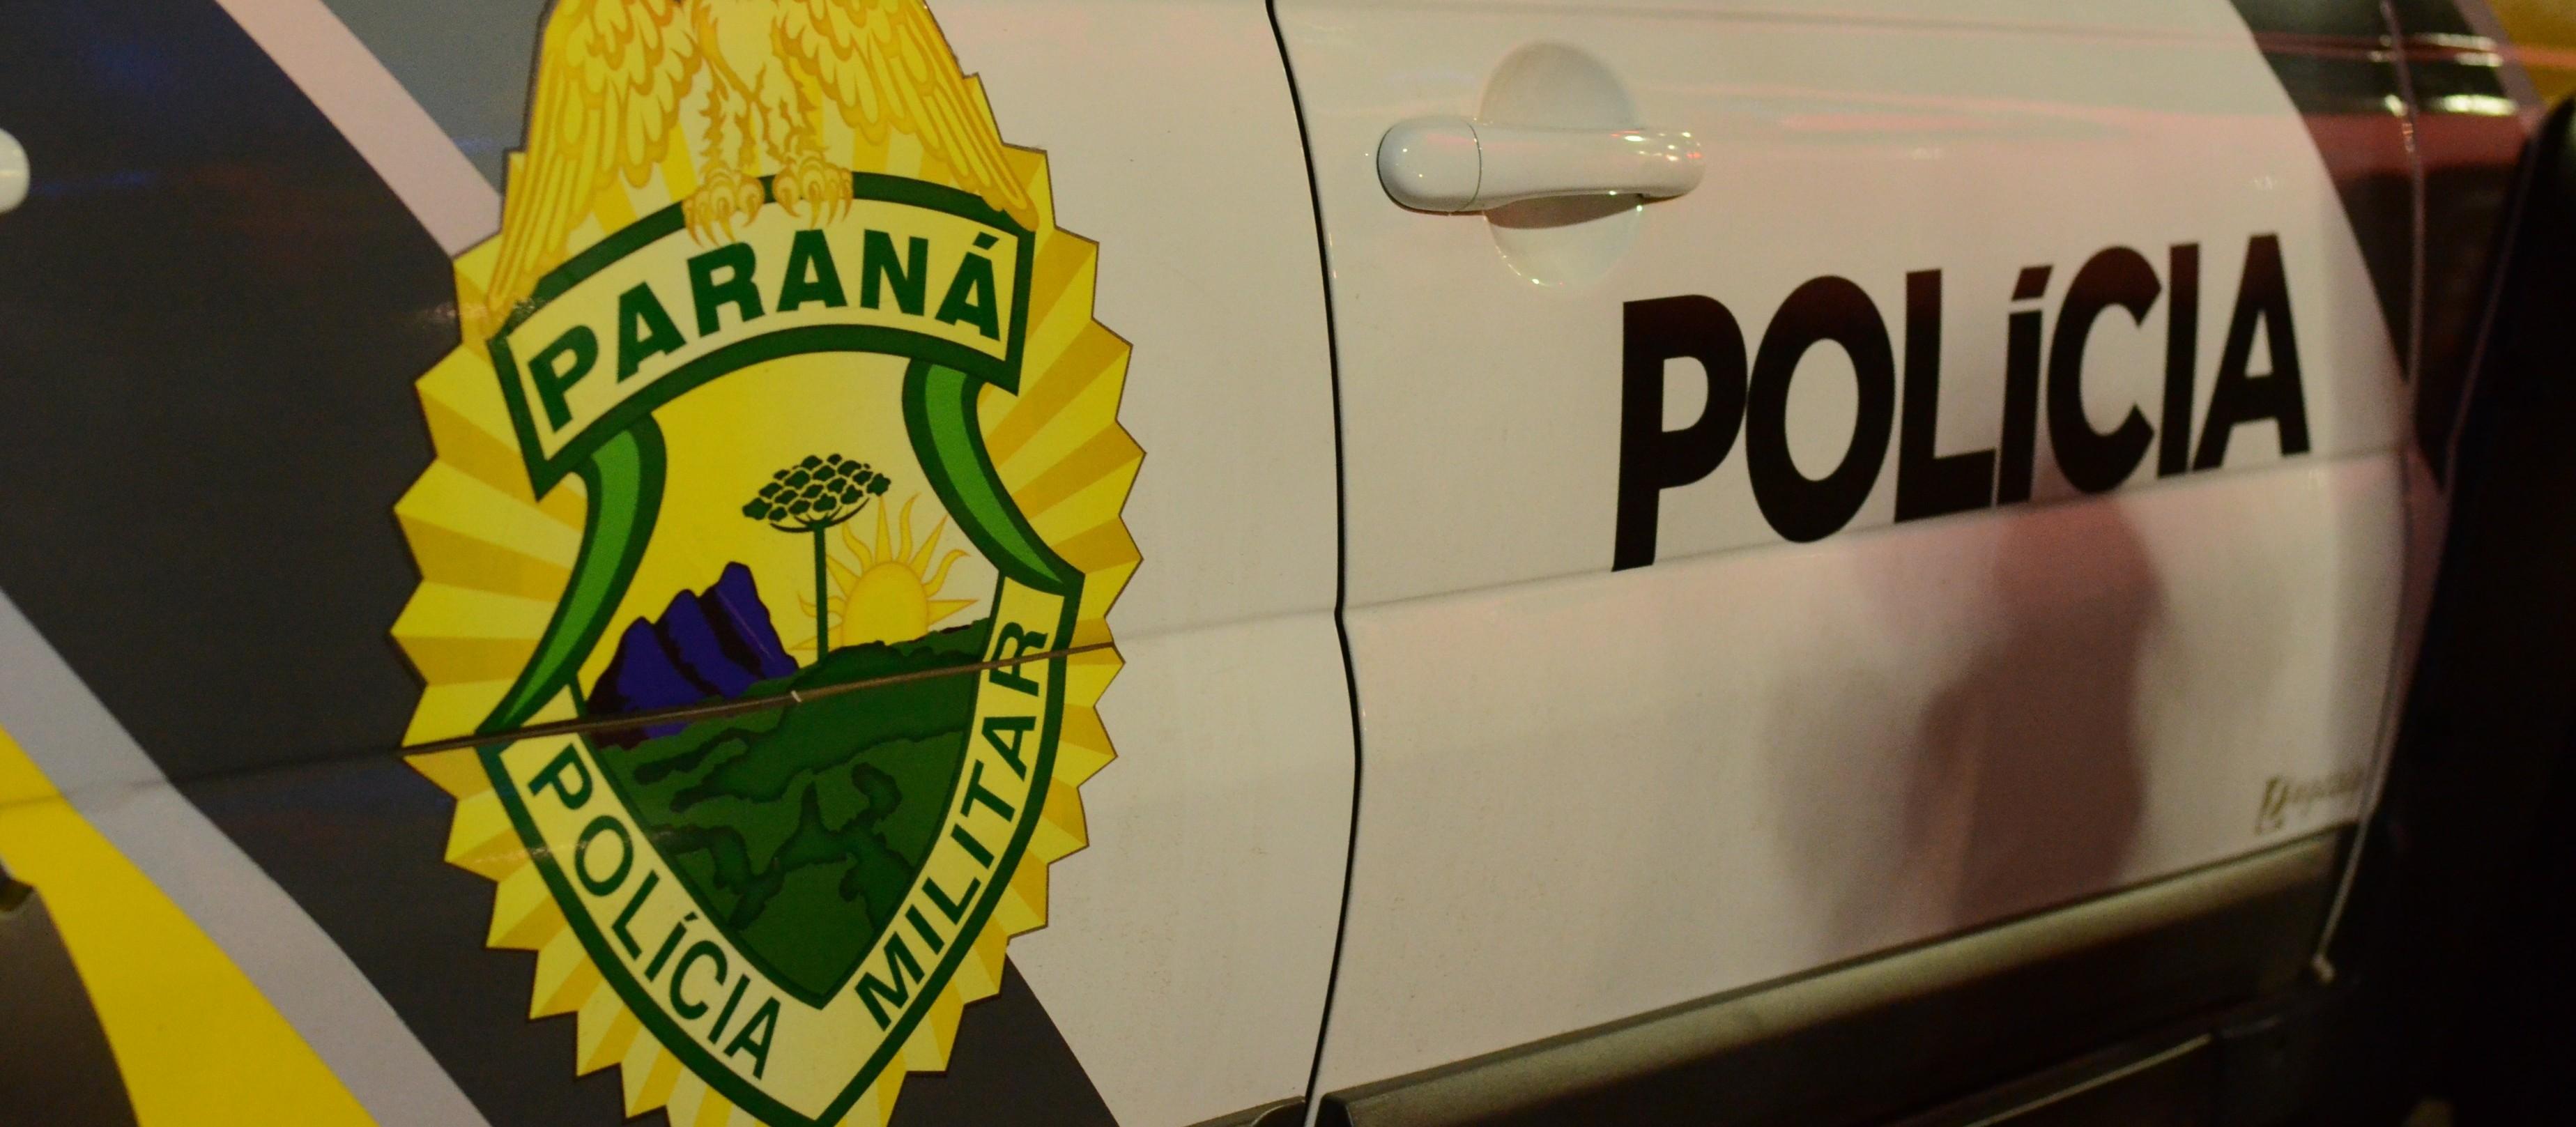 Sete mulheres são presas por suspeita de tráfico de drogas